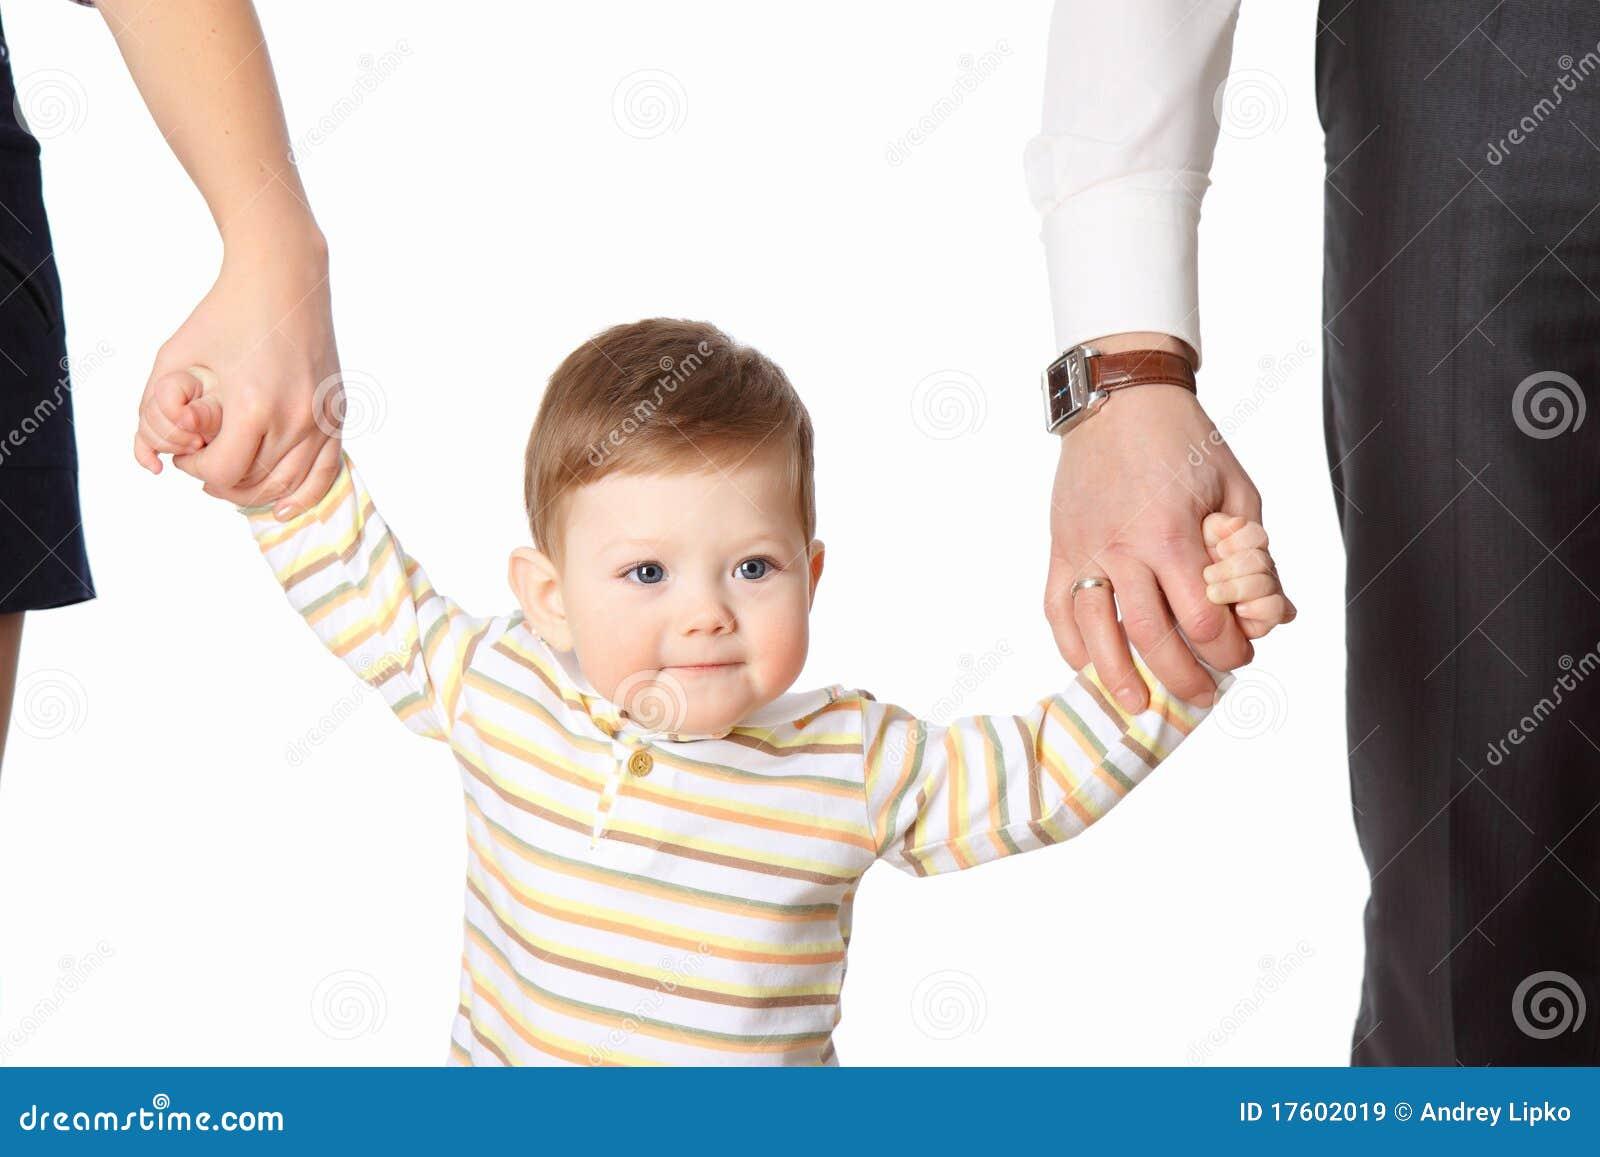 Дети за ручку с родителями фото